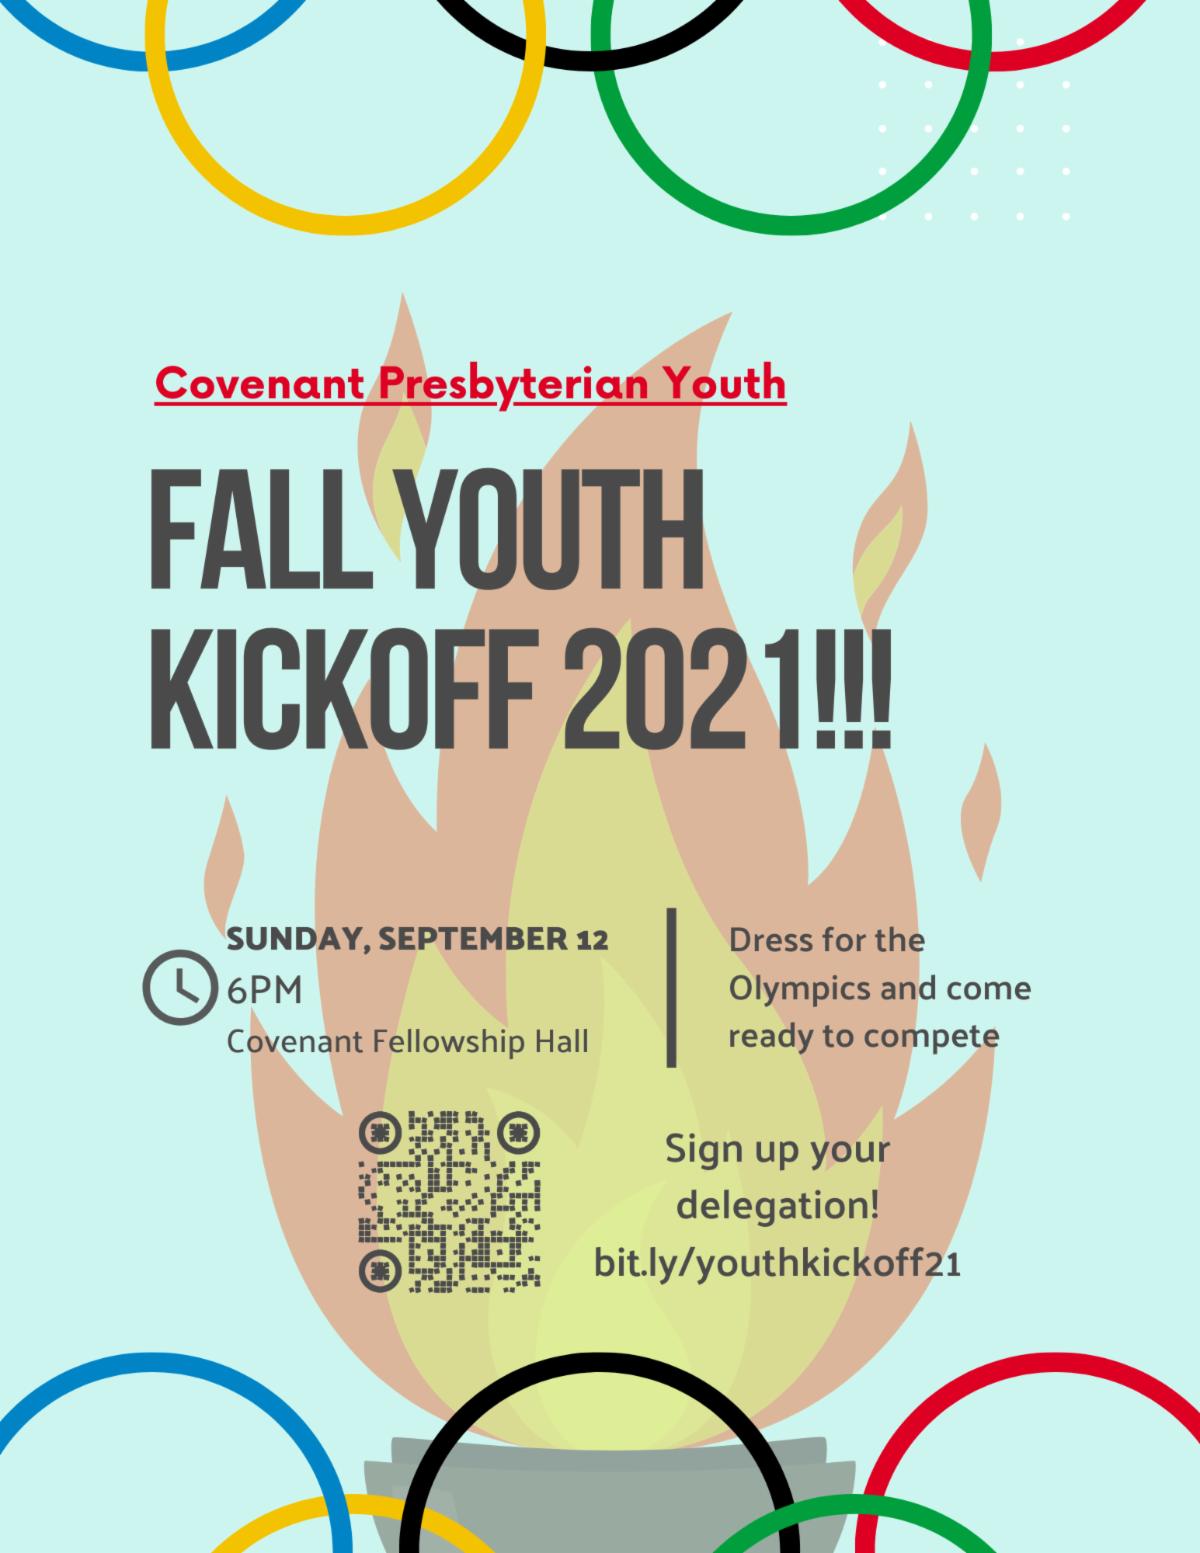 Copy of Fall Youth Kickoff 2021__.png